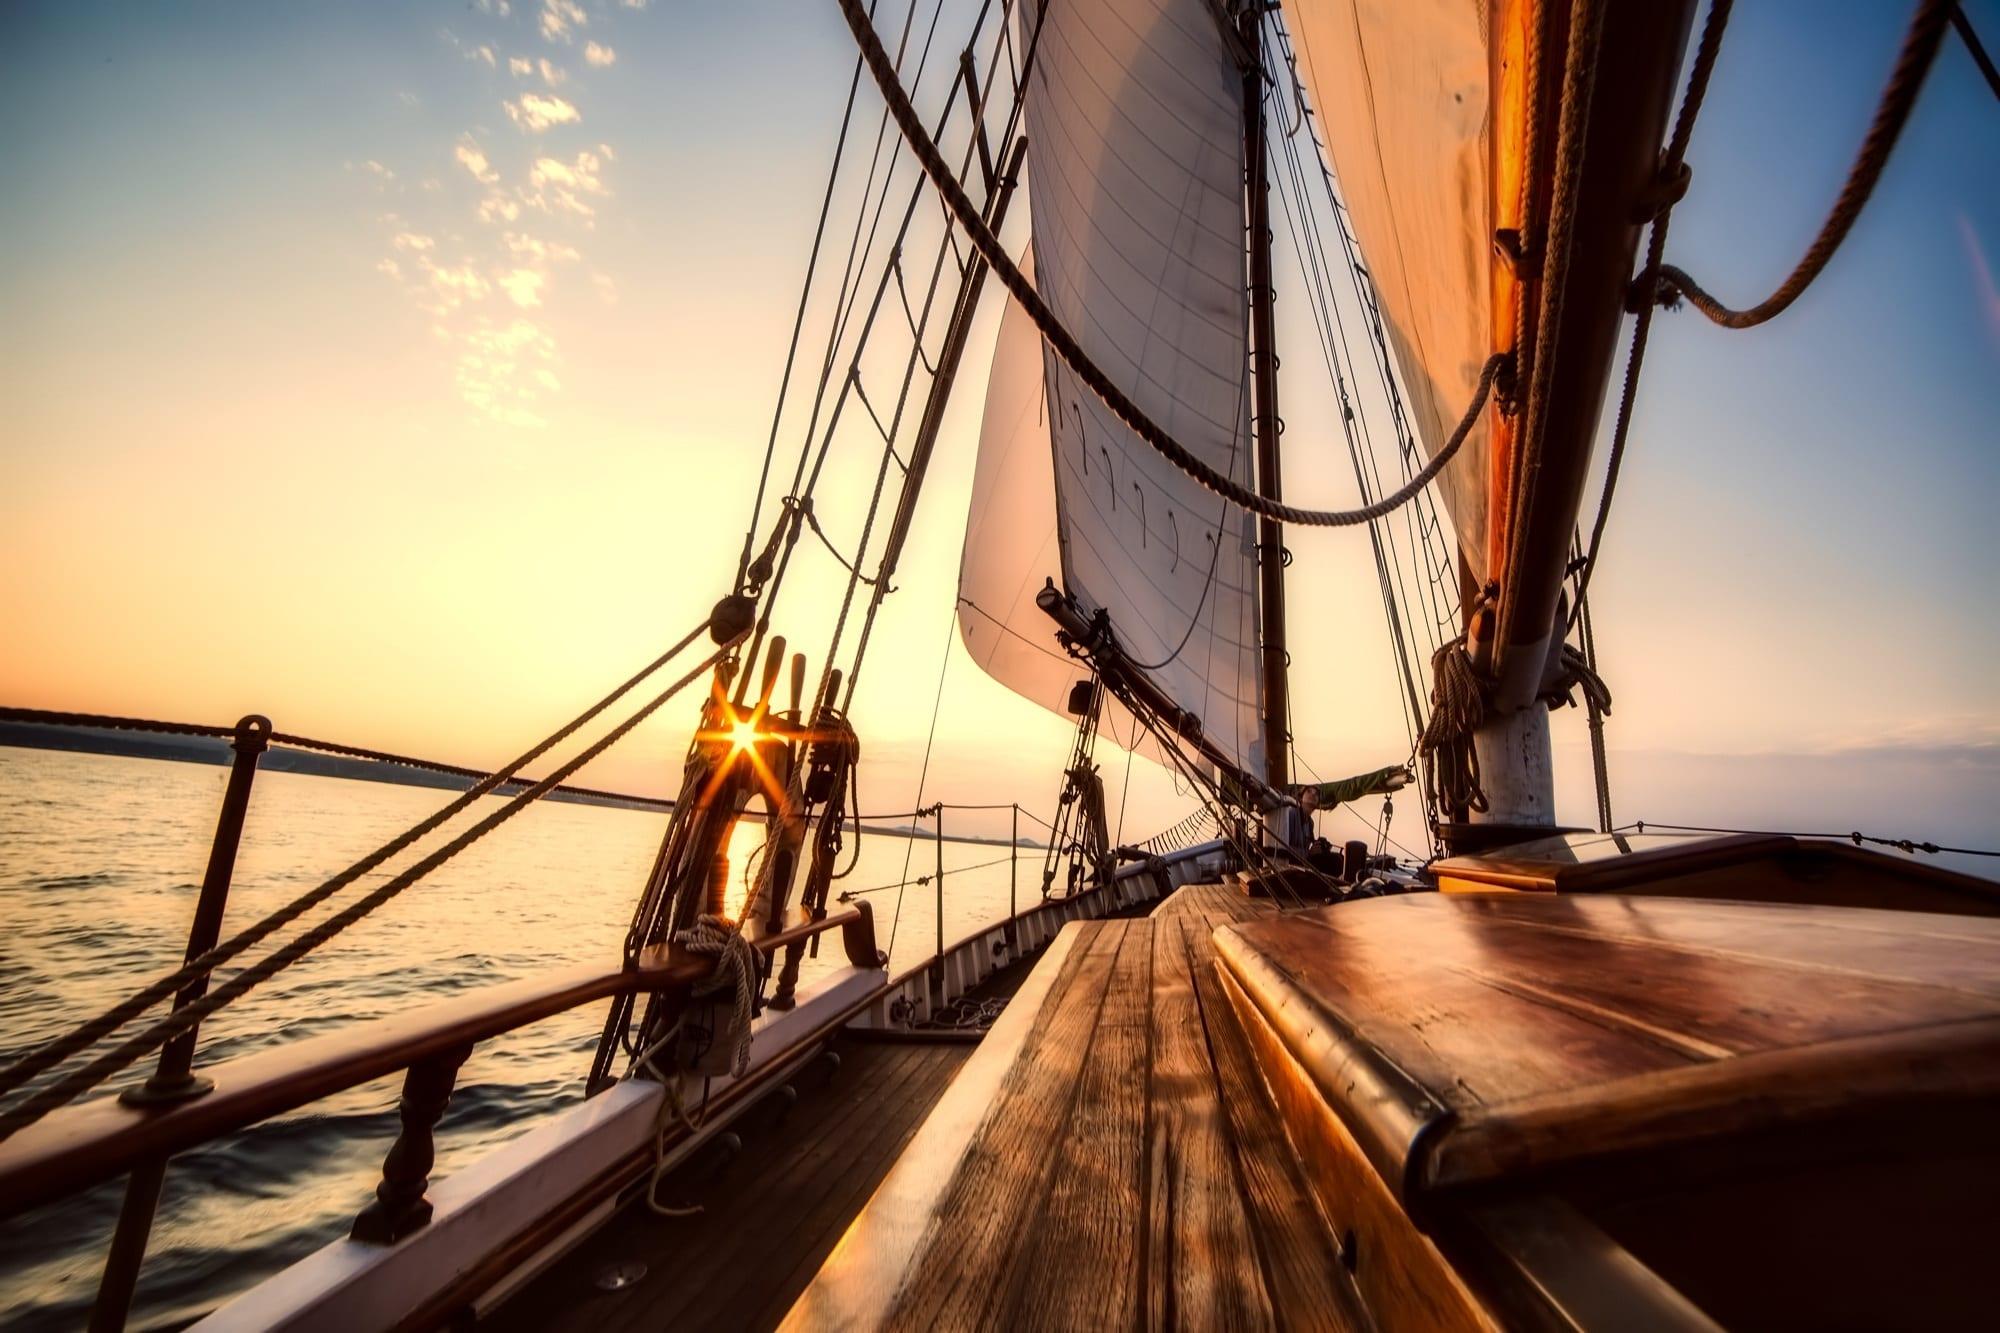 sailboat-vacation